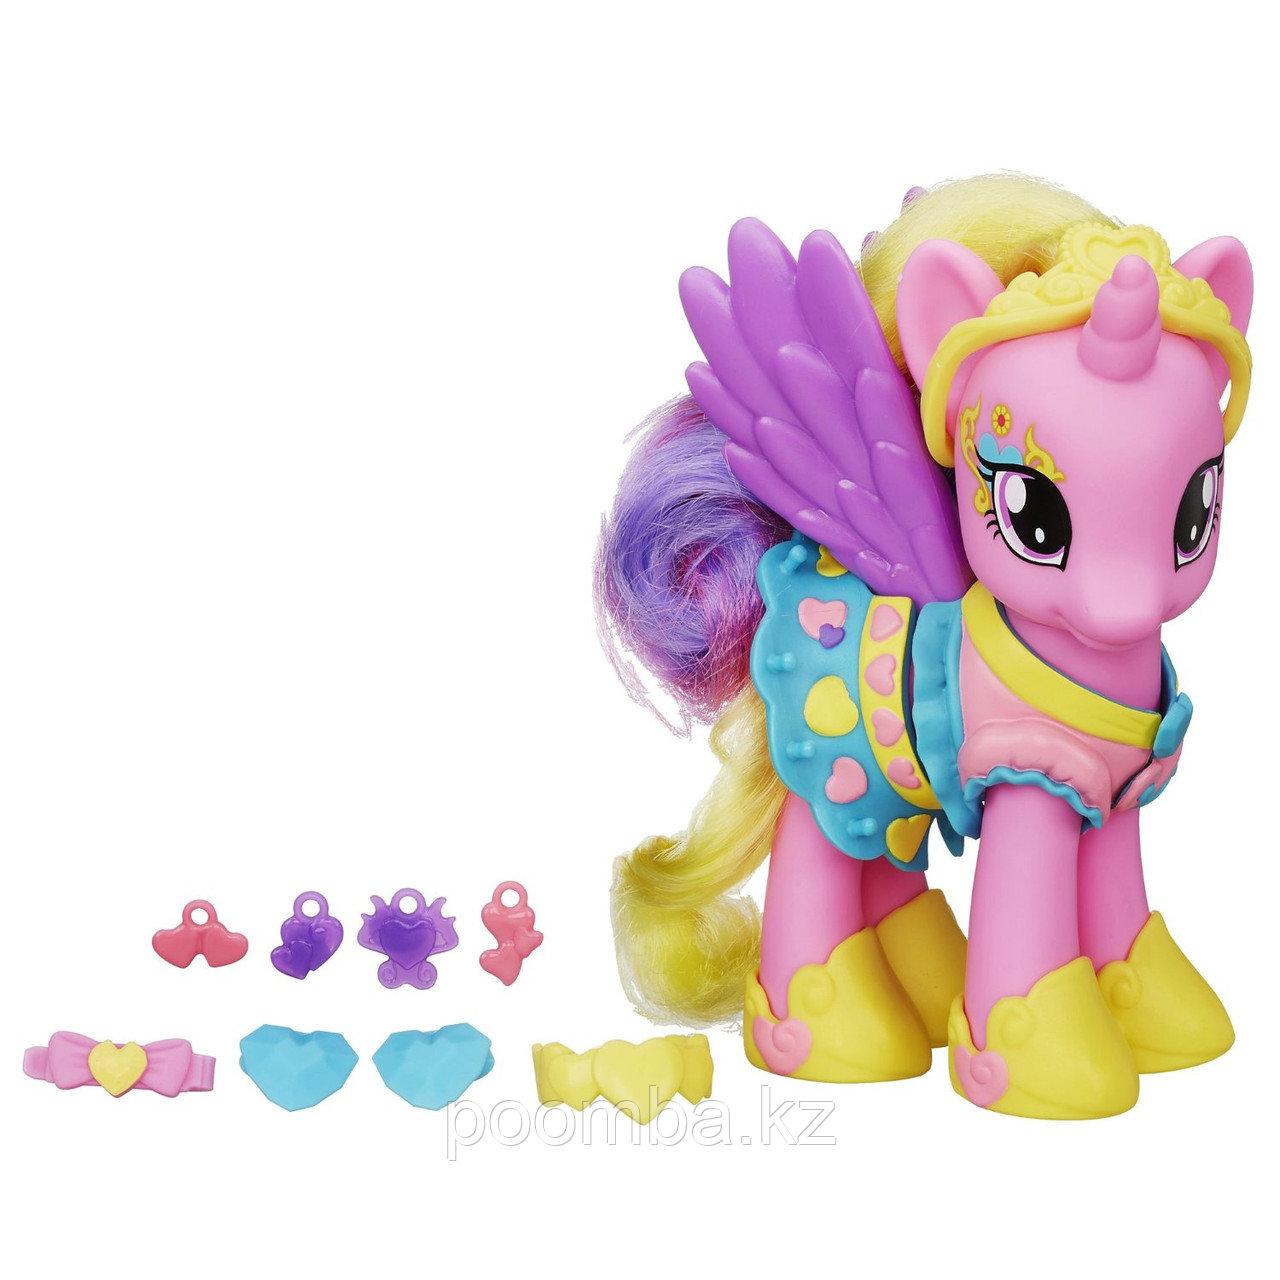 Пони-модница Cutie Mark Magic - Принцесса Каденс